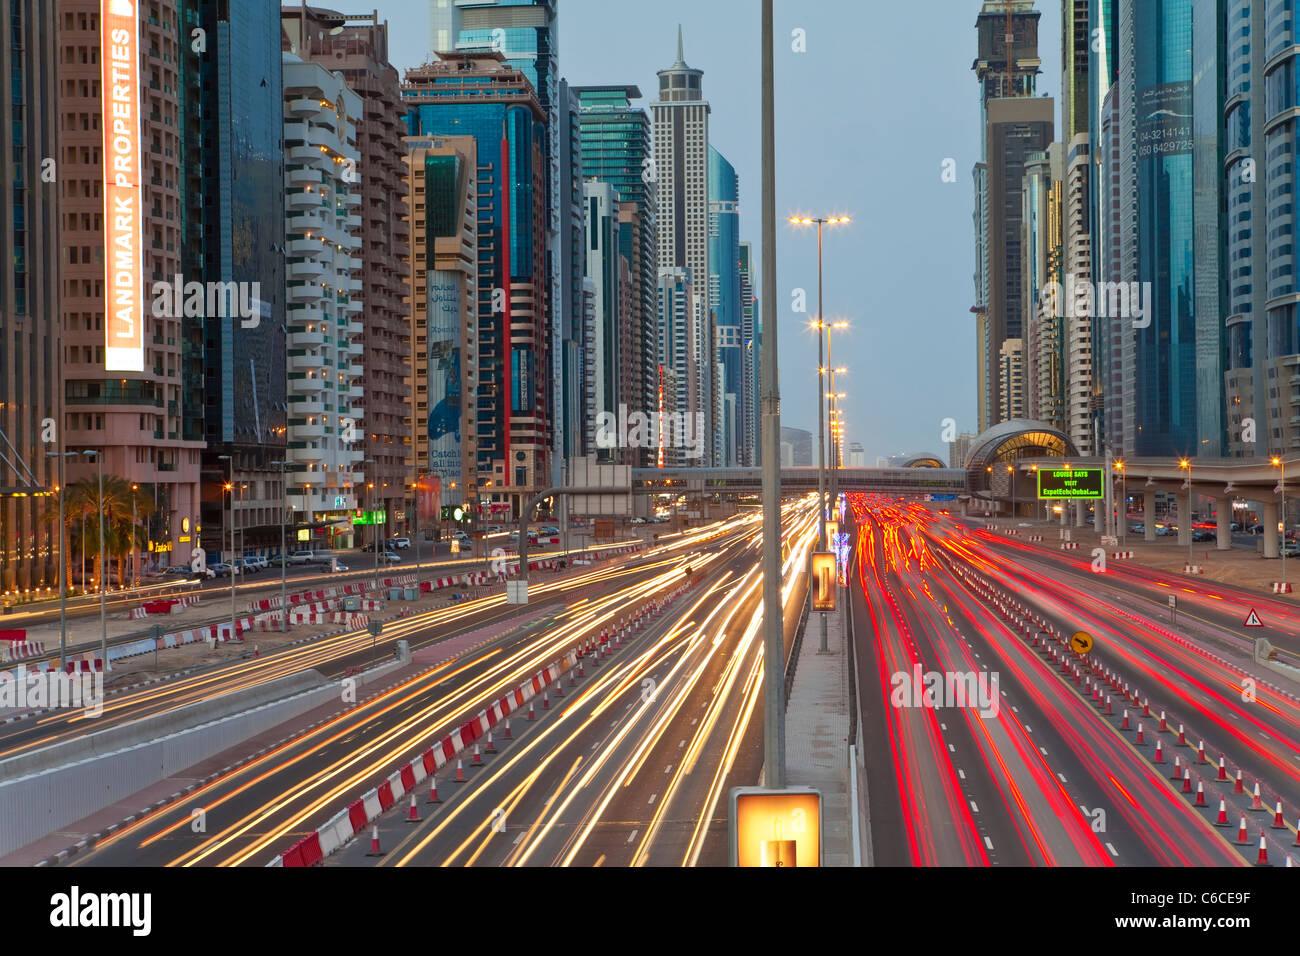 Los Emiratos Árabes Unidos, Dubai, Sheikh Zayed Road, el tráfico y los nuevos edificios en altura a lo largo de Foto de stock